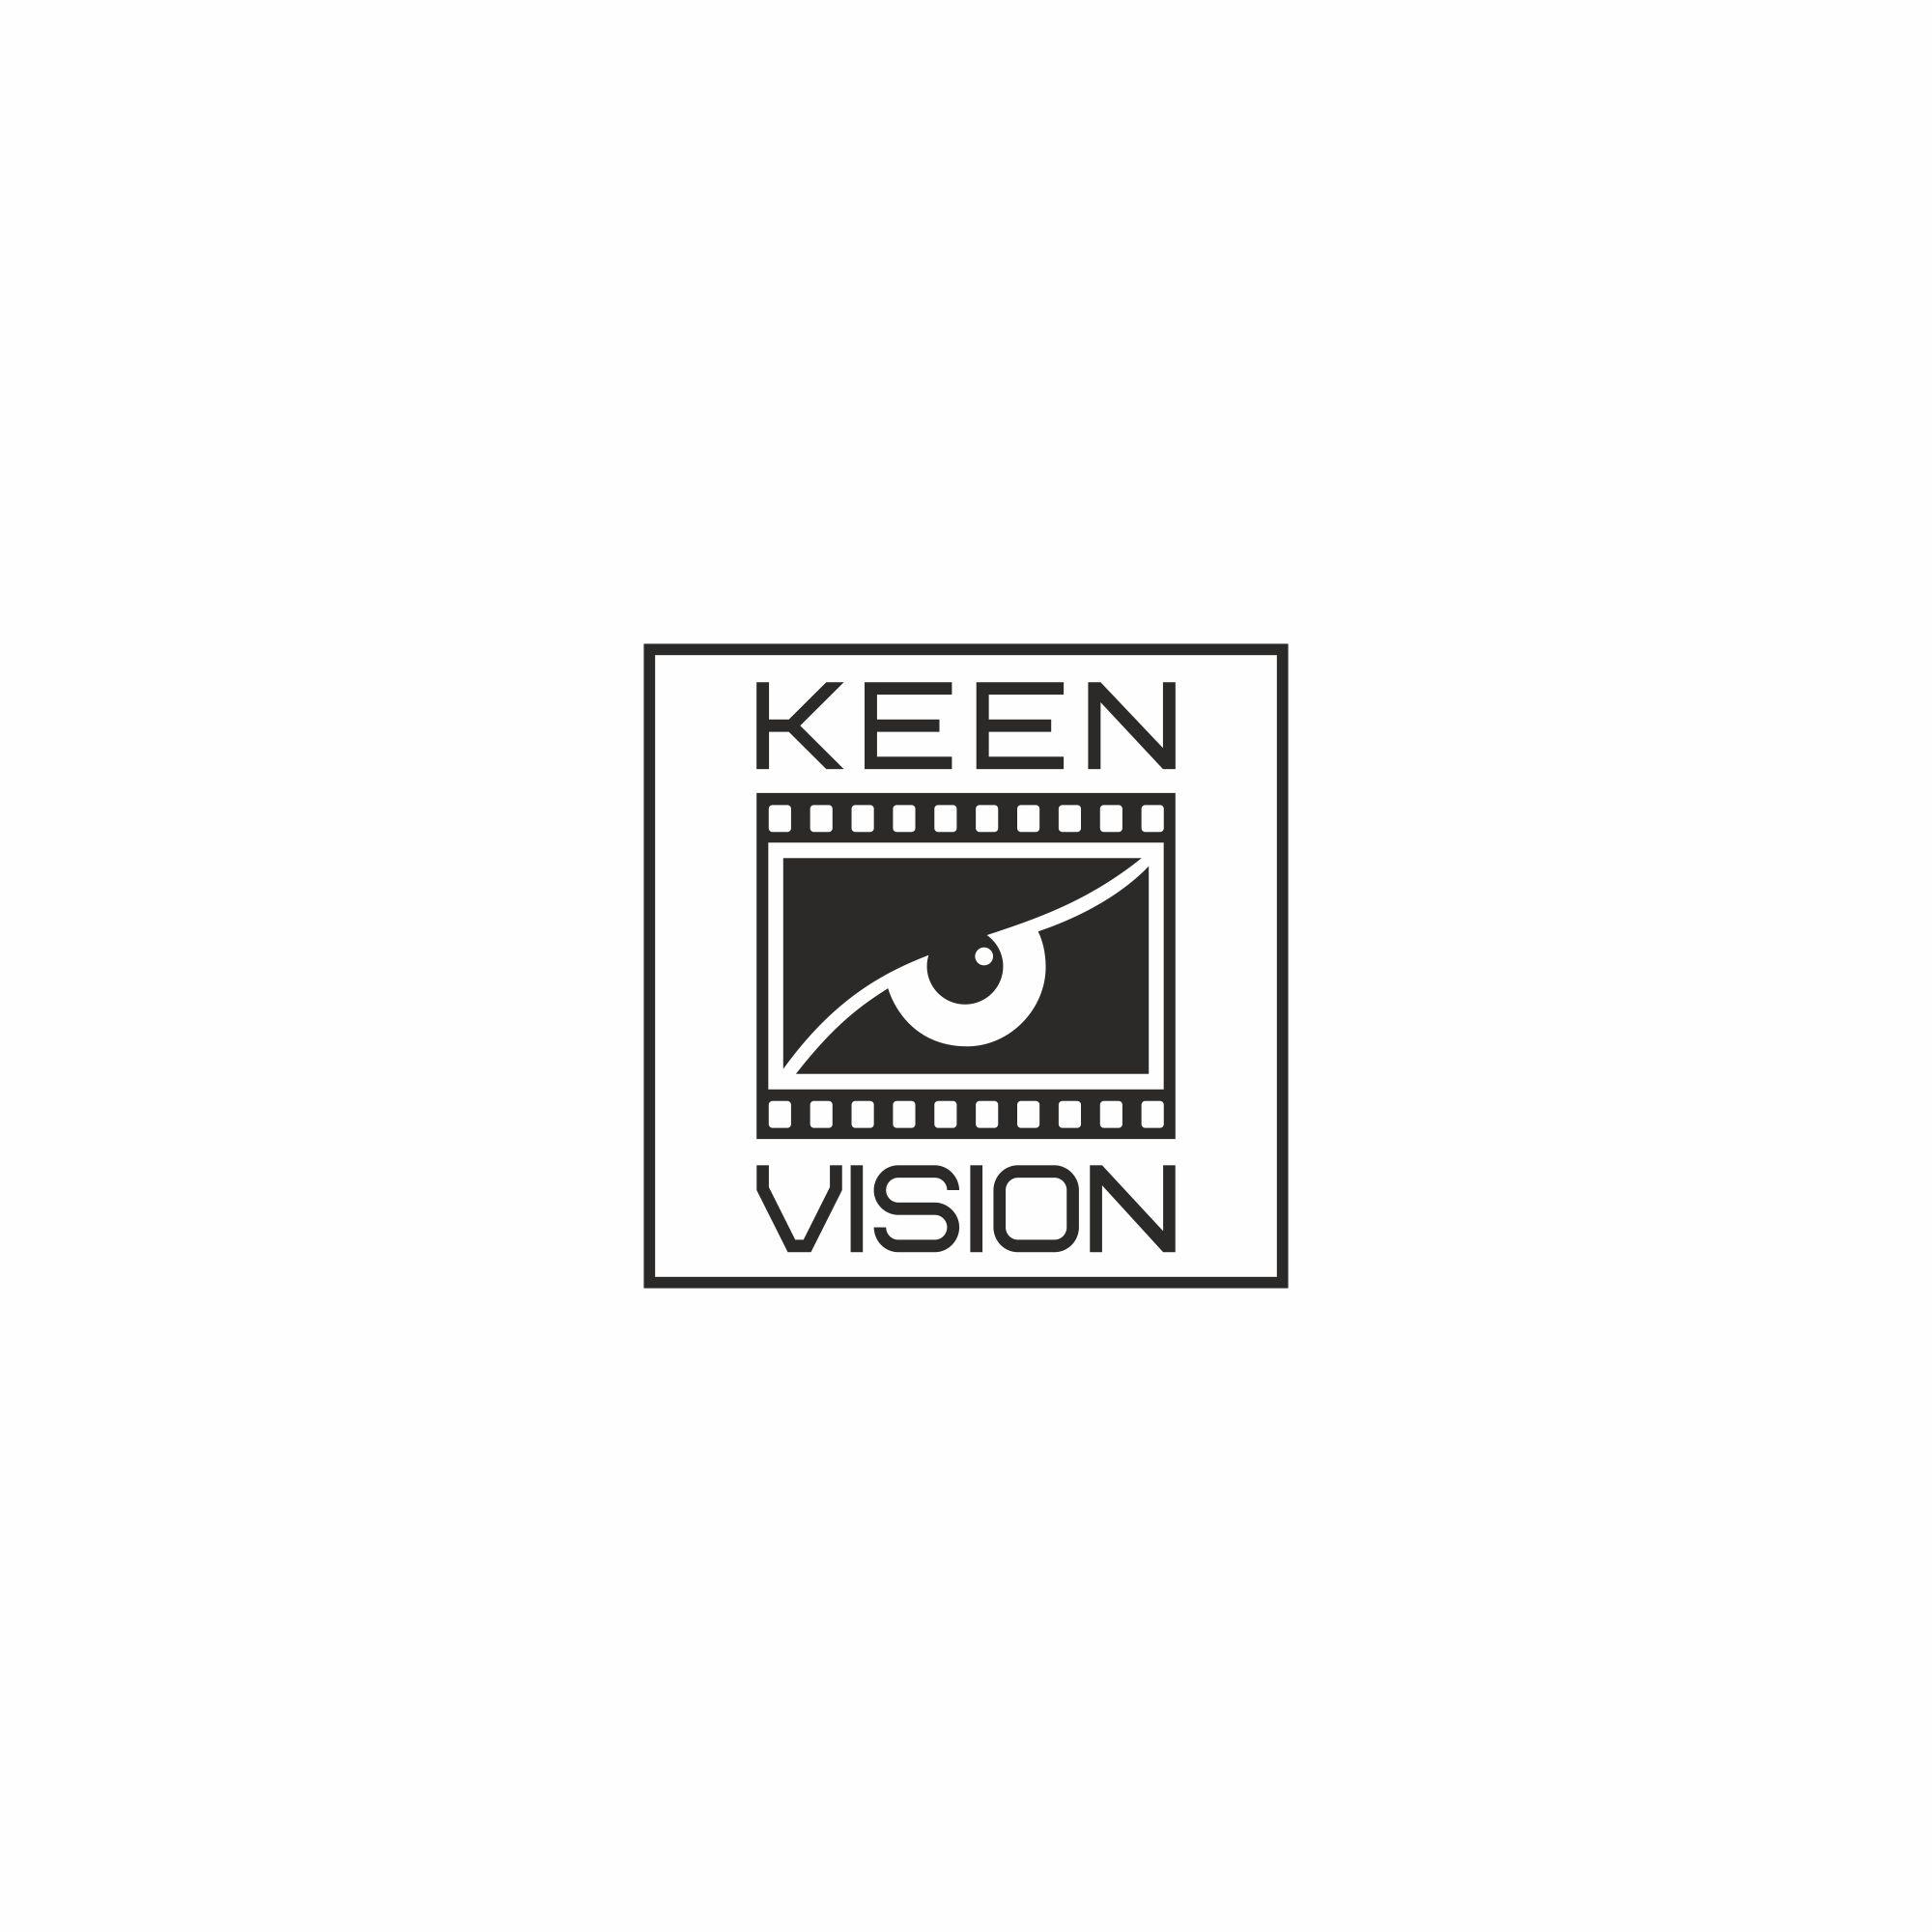 Логотип для KeenVision - дизайнер philipskiy